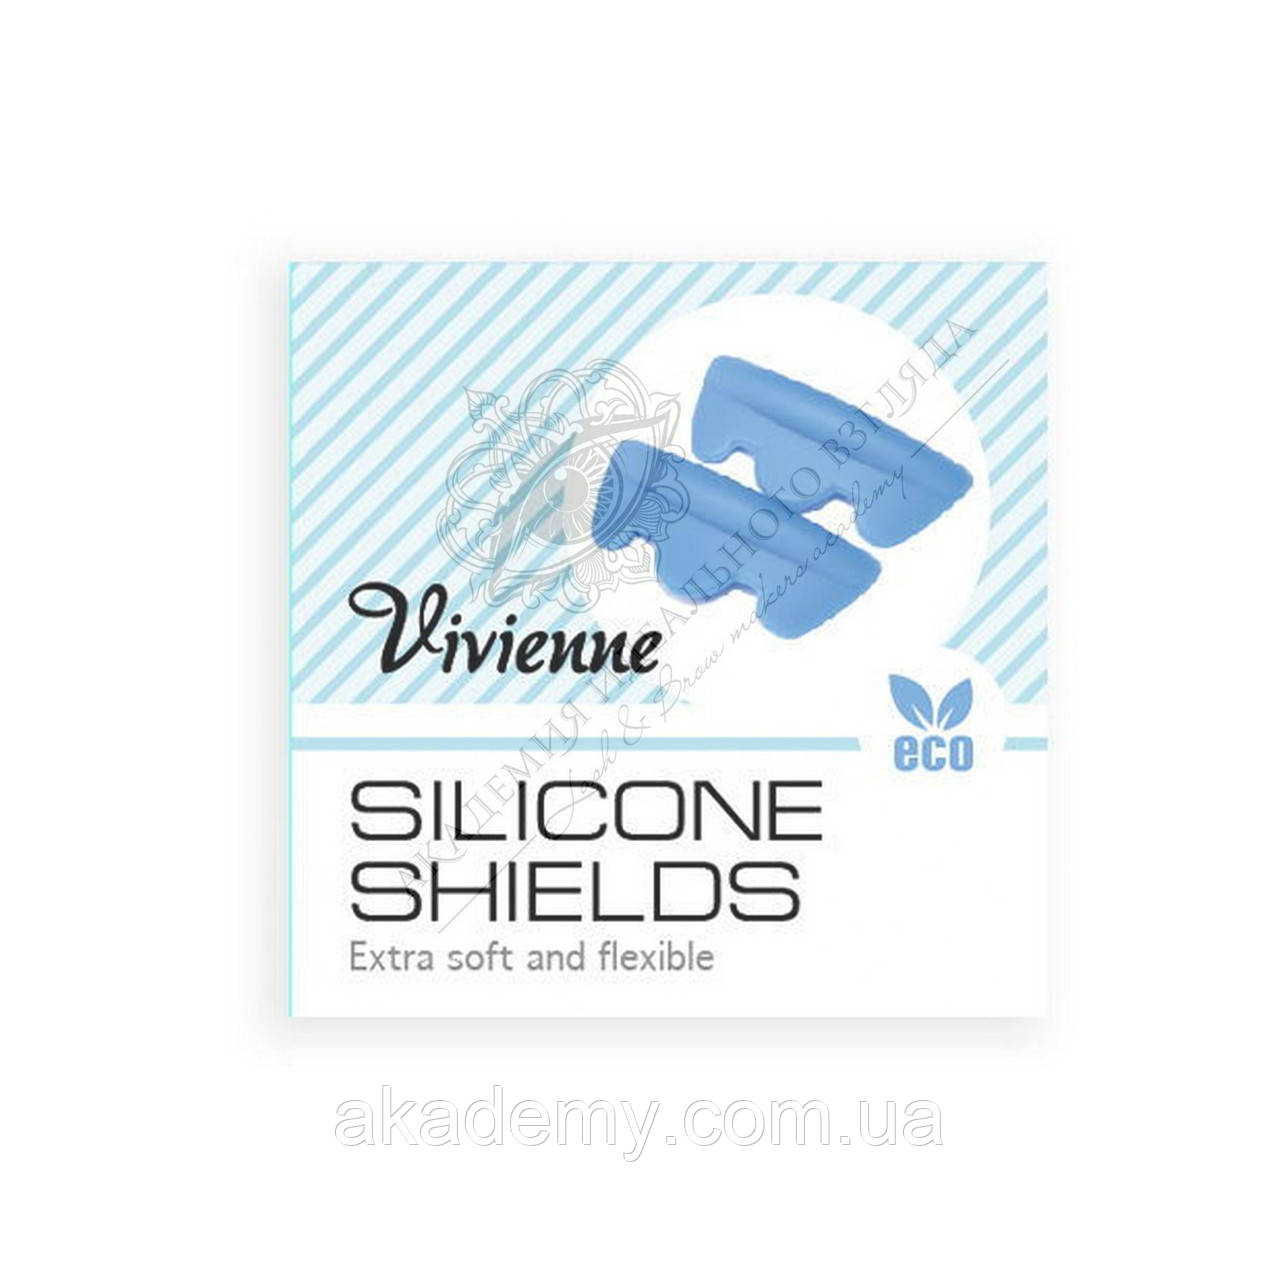 Набор бигуди из ЭКО силикона Vivienne (5 размеров)